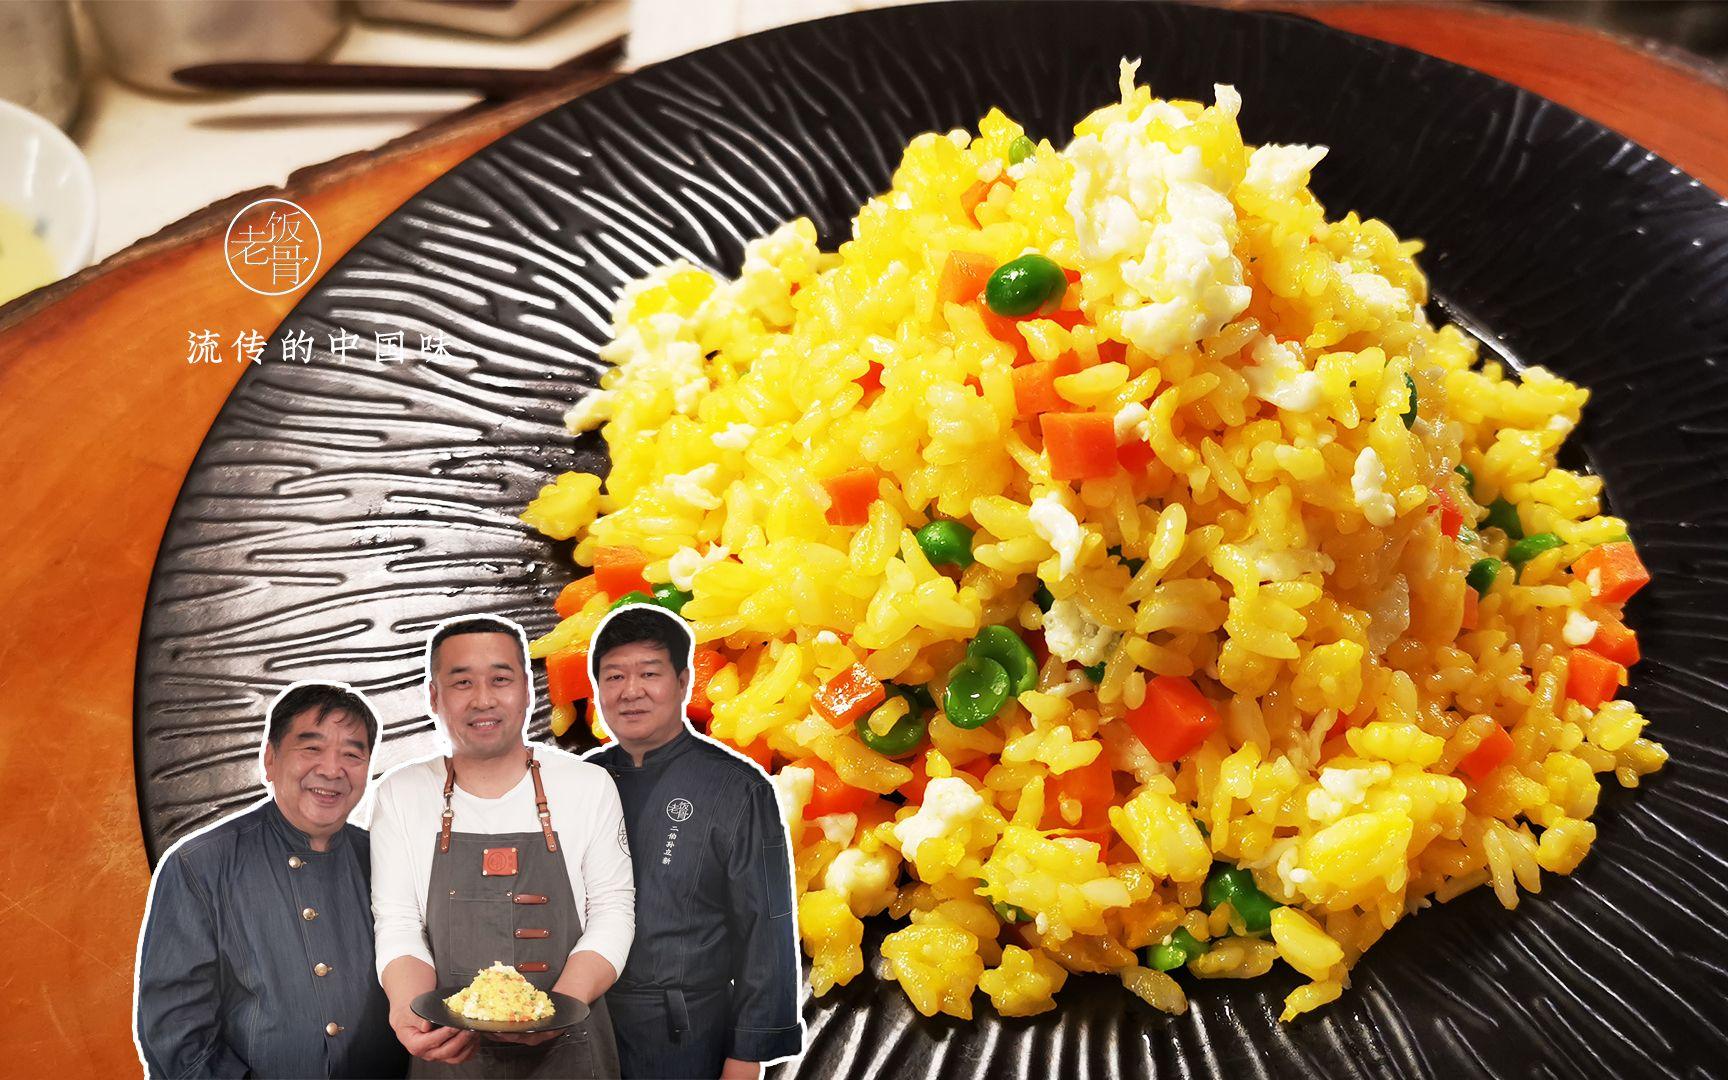 qq2.83_大厨手把手教你:黄金炒饭,粒粒分明不粘锅,真香!_哔哩哔哩 ...